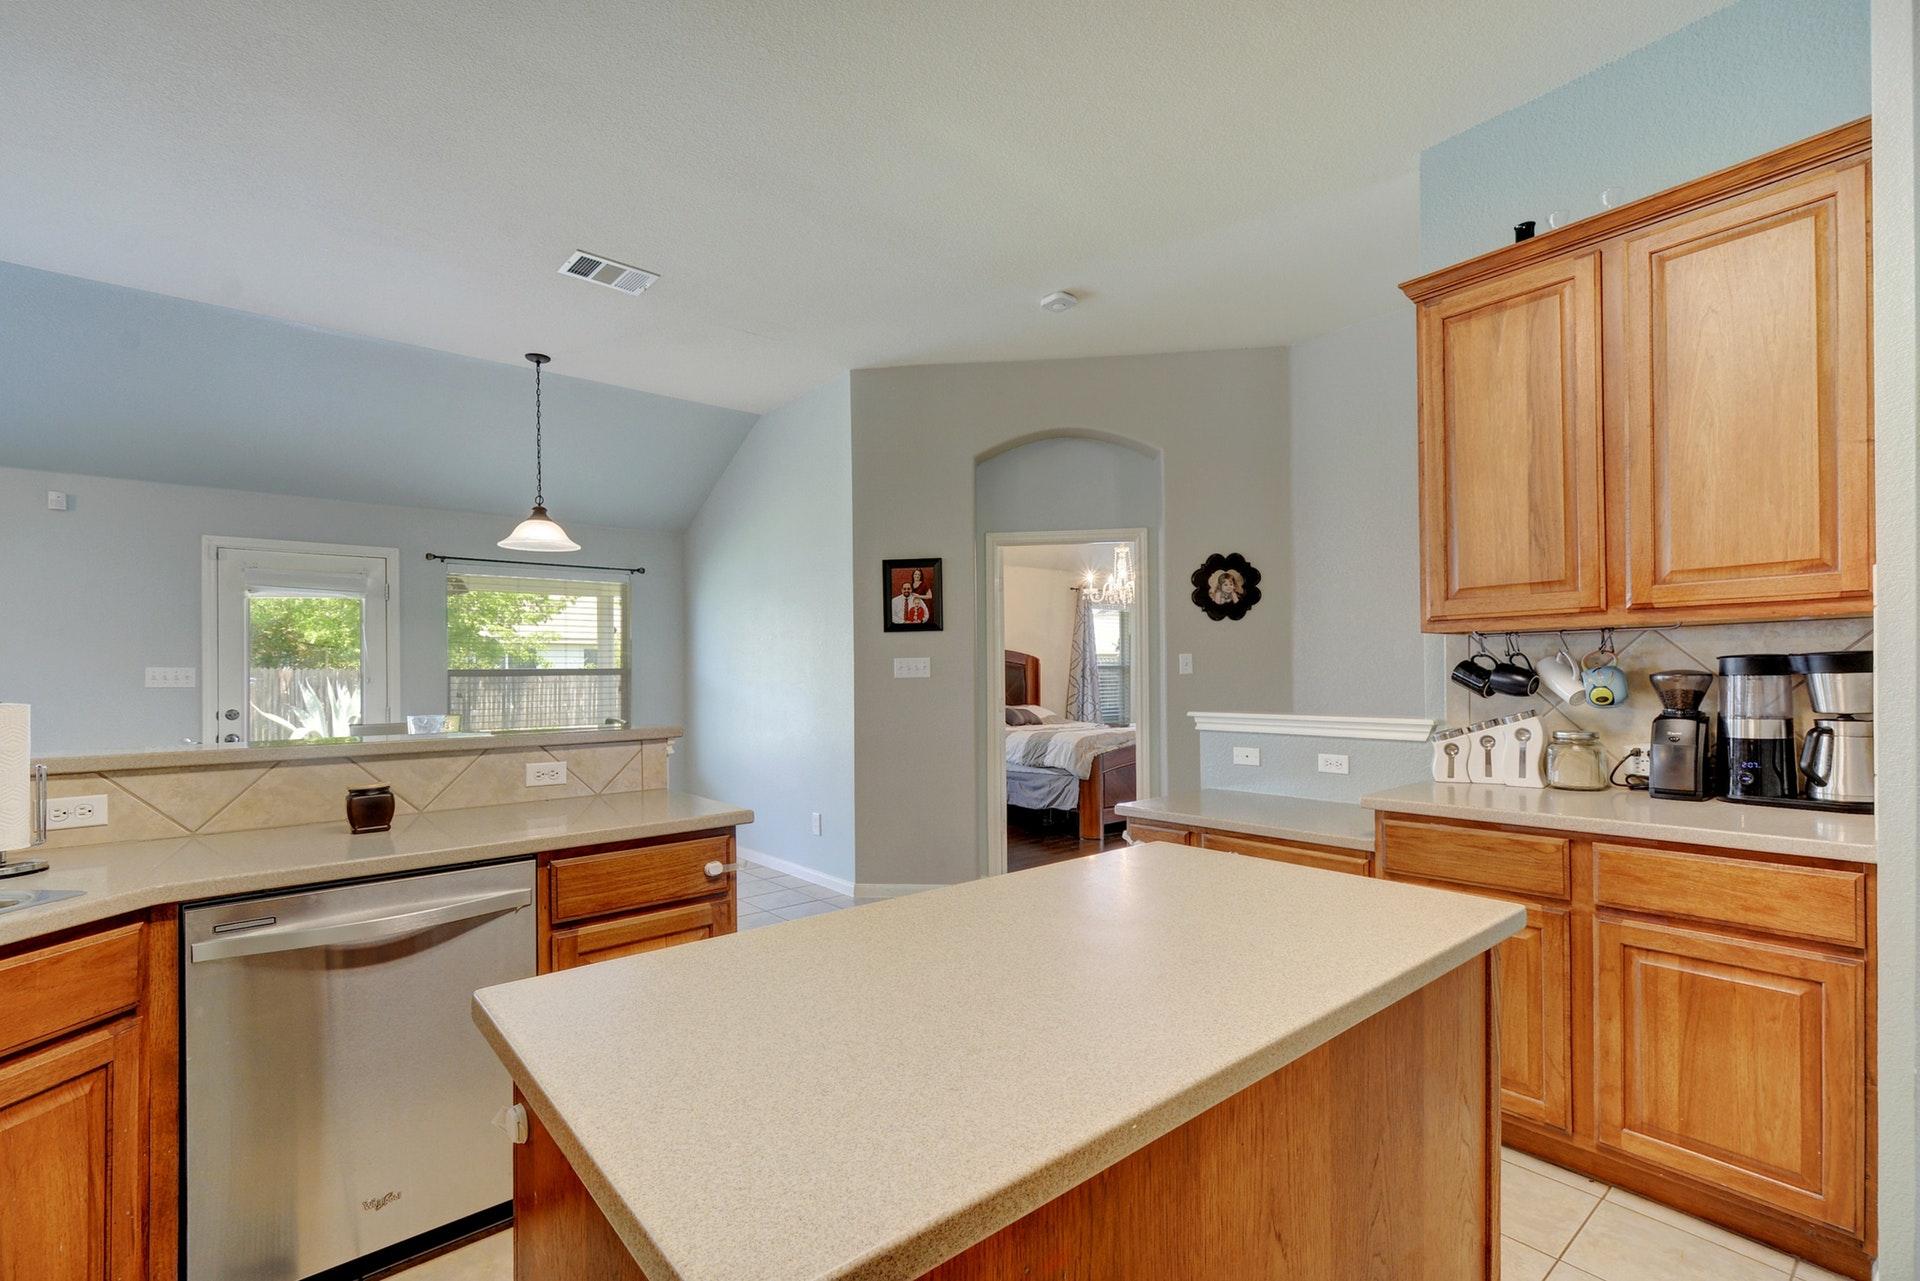 013-267551-Kitchen 003_6233381.jpg